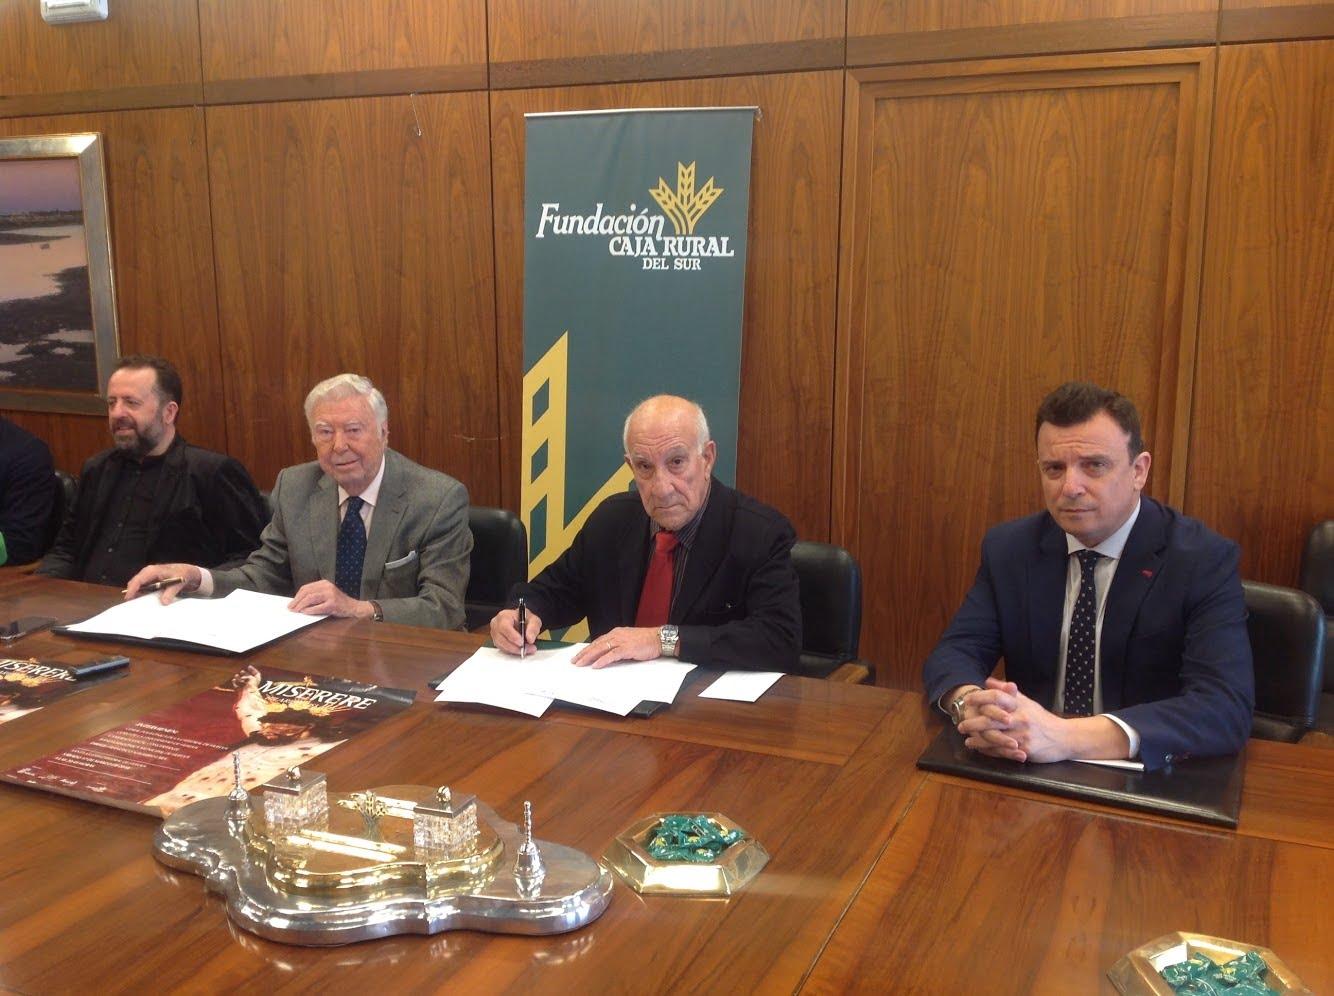 Firma del convenio entre los presidentes de Fundación Caja Rural del Sur y Asociación de Amigos de la Banda Sinfónica.